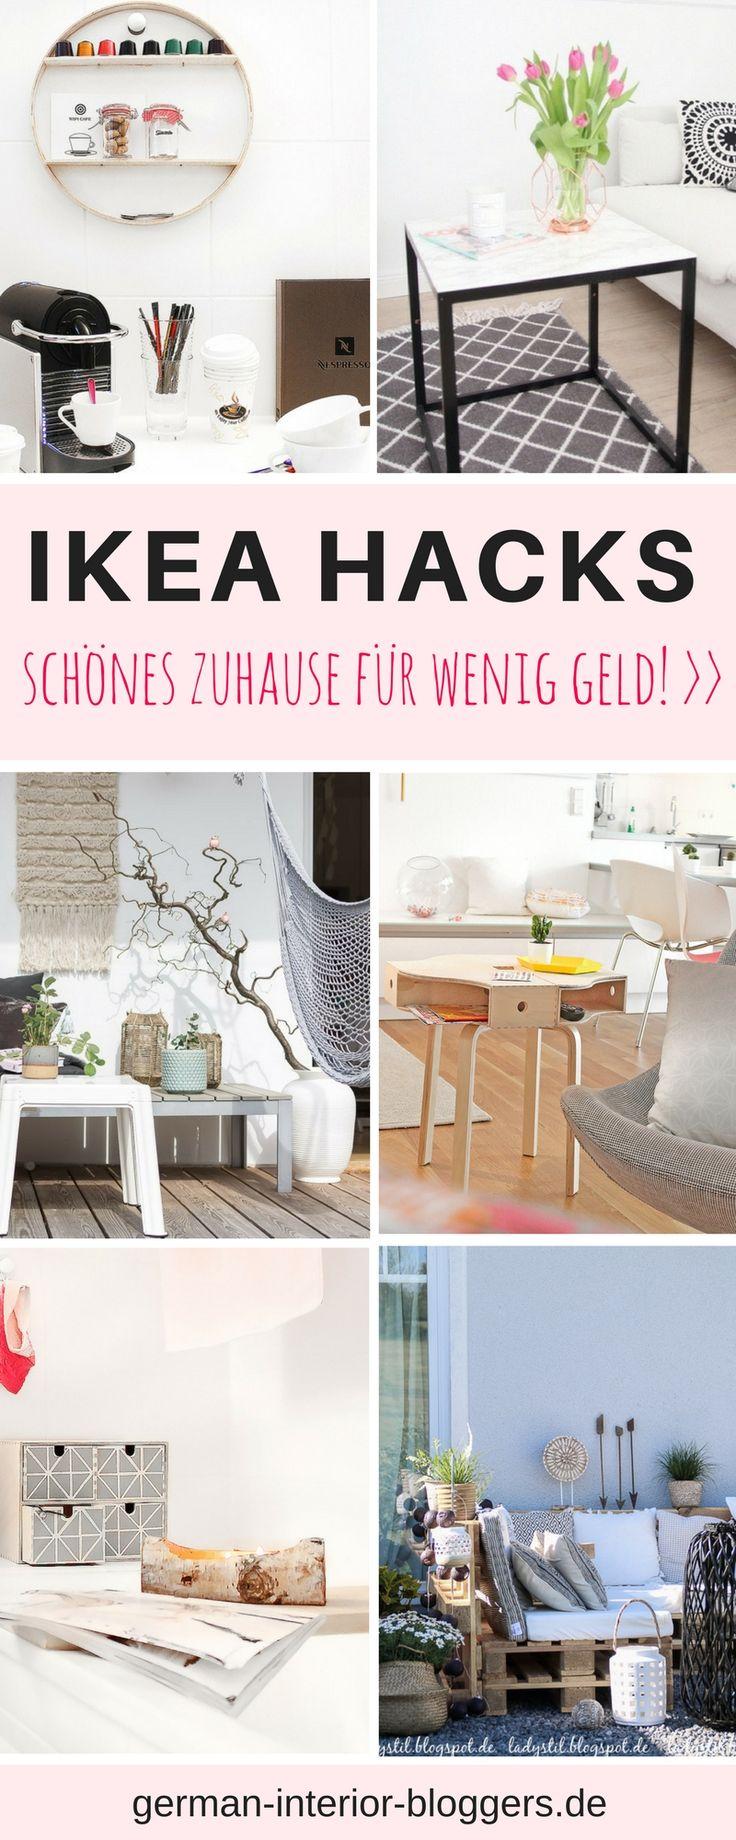 Schnes Zuhause Fr Wenig Geld Diese Genialen Ikea Hacks Sollte Jeder Kennen Arbeitszimmer EinrichtenSkandinavische EinrichtungWohnzimmer